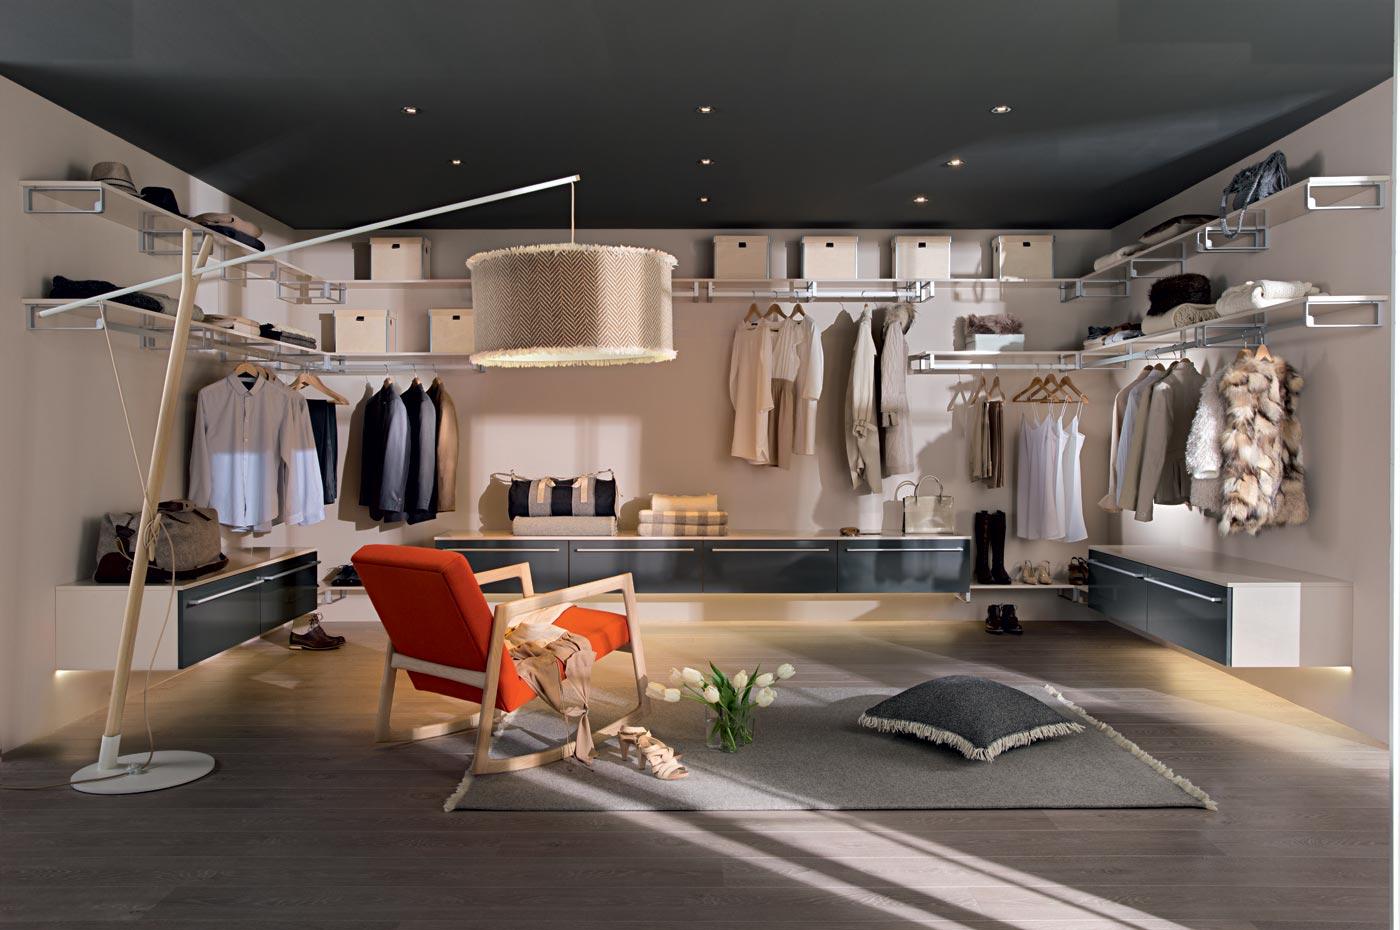 #B23919 Rangements Dressing / Dolce Vita Perene Lyon Faure  3293 suite parentale c deco 1400x930 px @ aertt.com